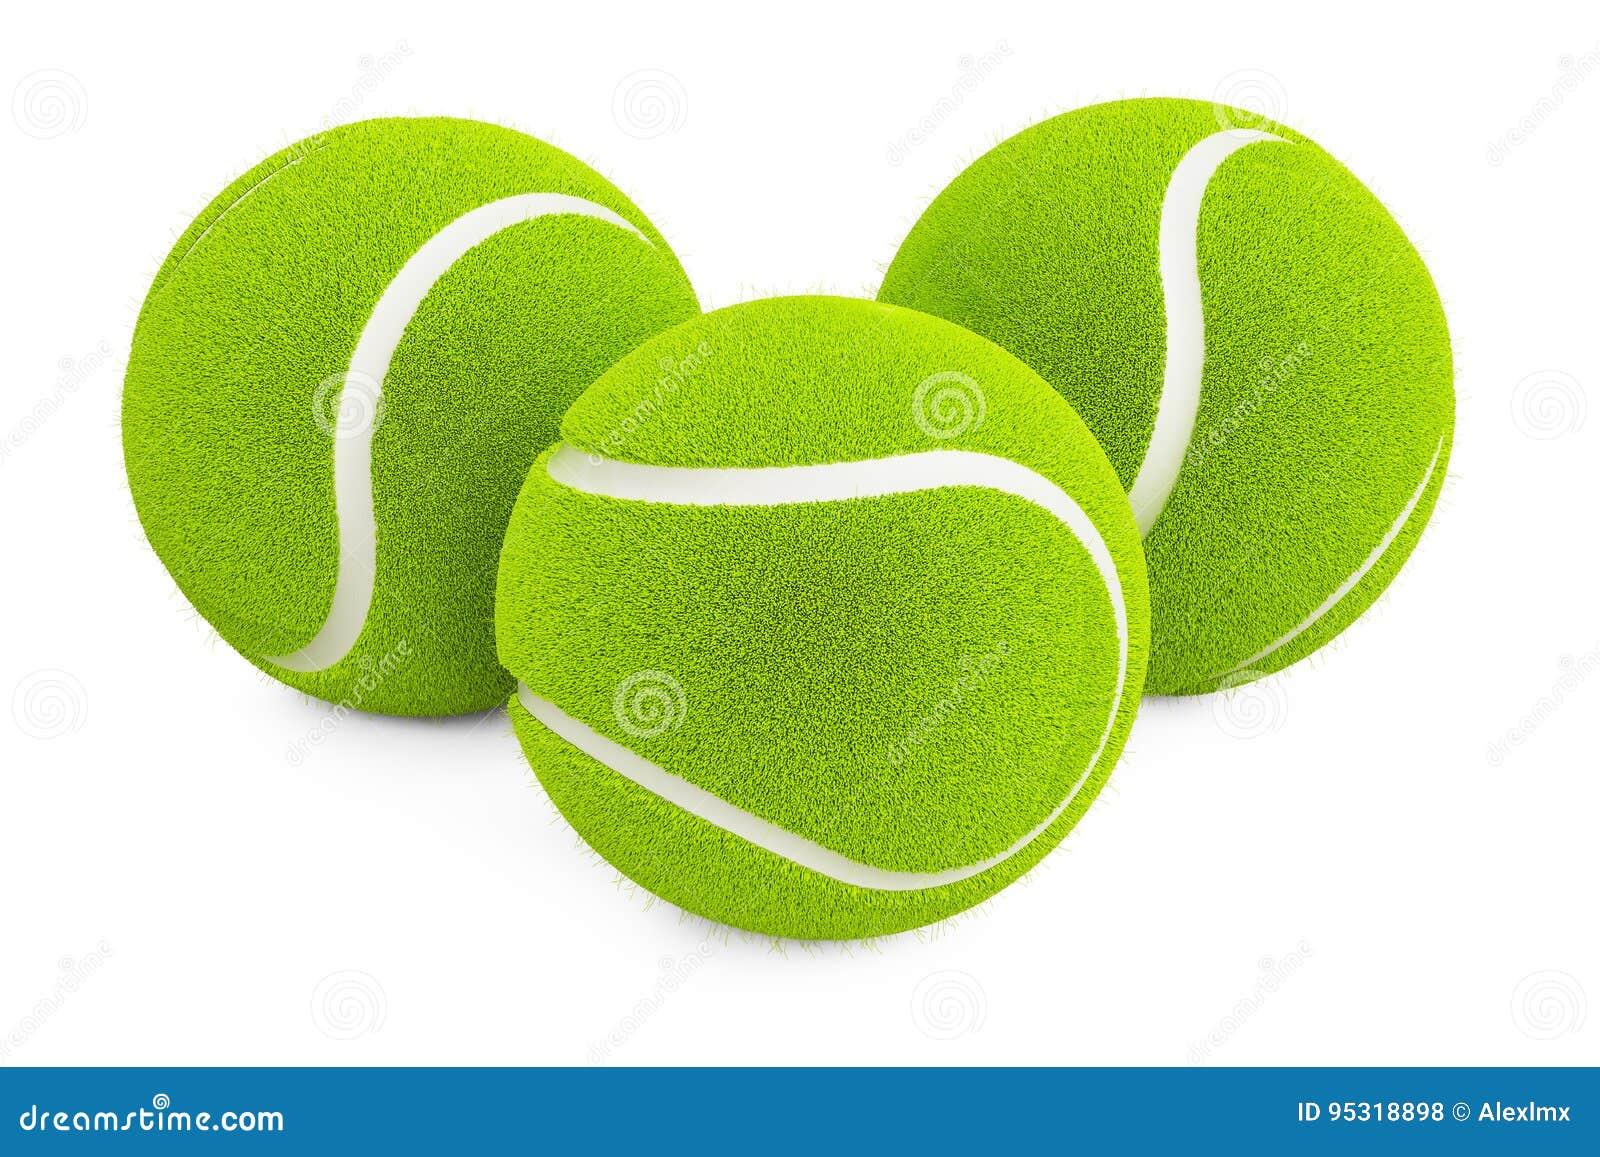 Tenis pelota stock de ilustracion ilustracion libre de stock de - Sistema De Pelotas De Tenis Representaci N 3d